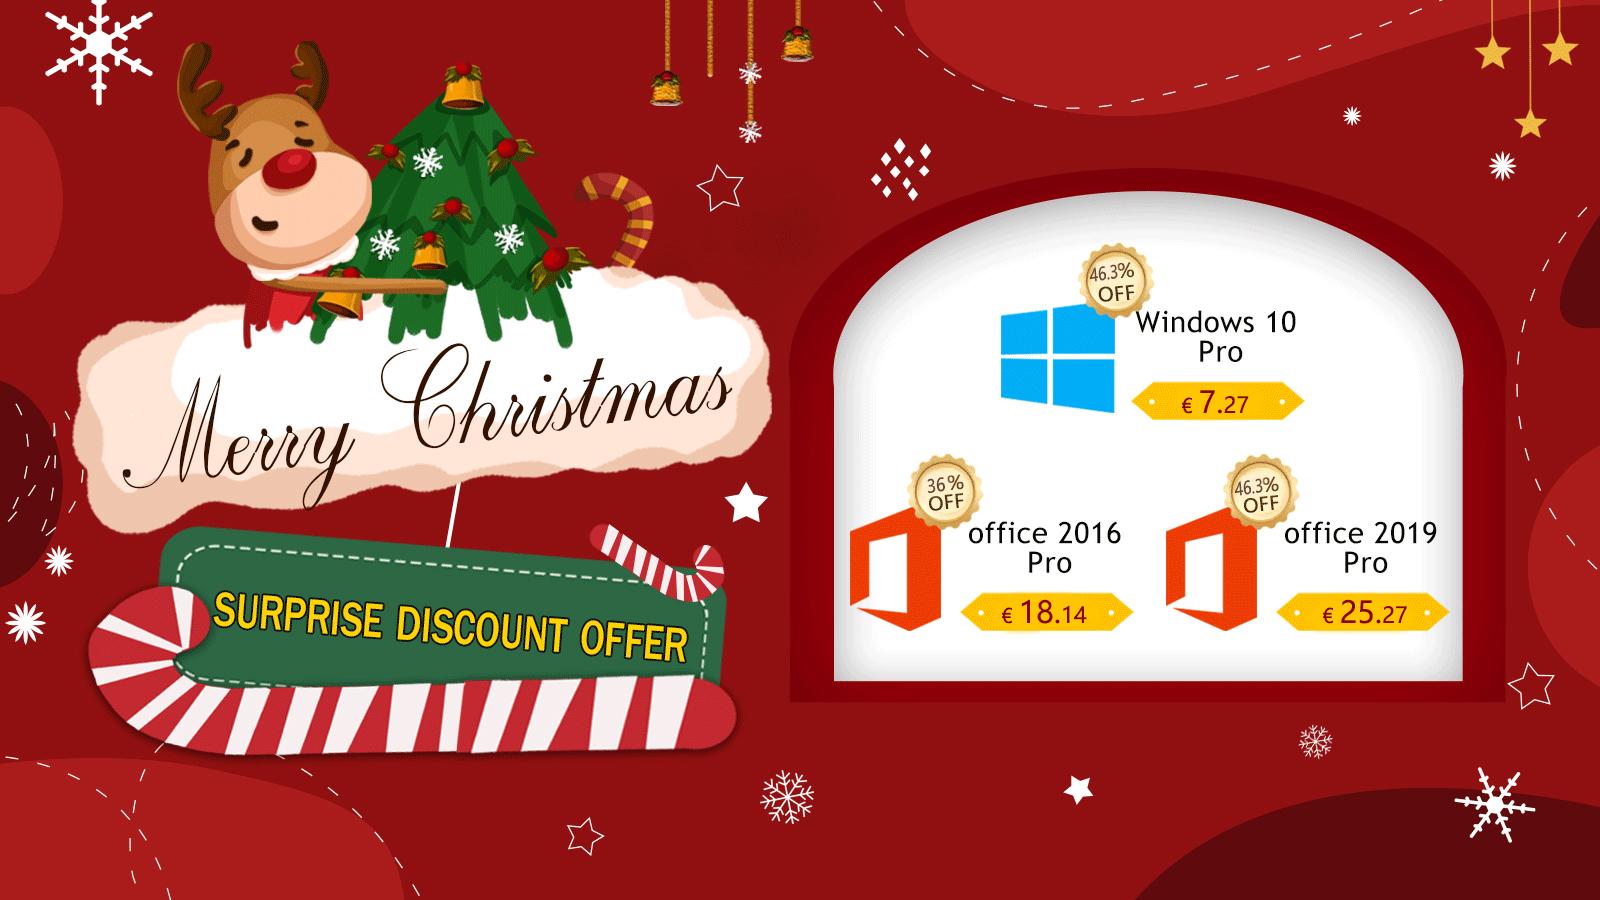 Speciální vánoční nabídka: Windows 10 Pro za 7.27 EUR a Office 2019 Pro za 25.27 EUR [sponzorovaný článek]